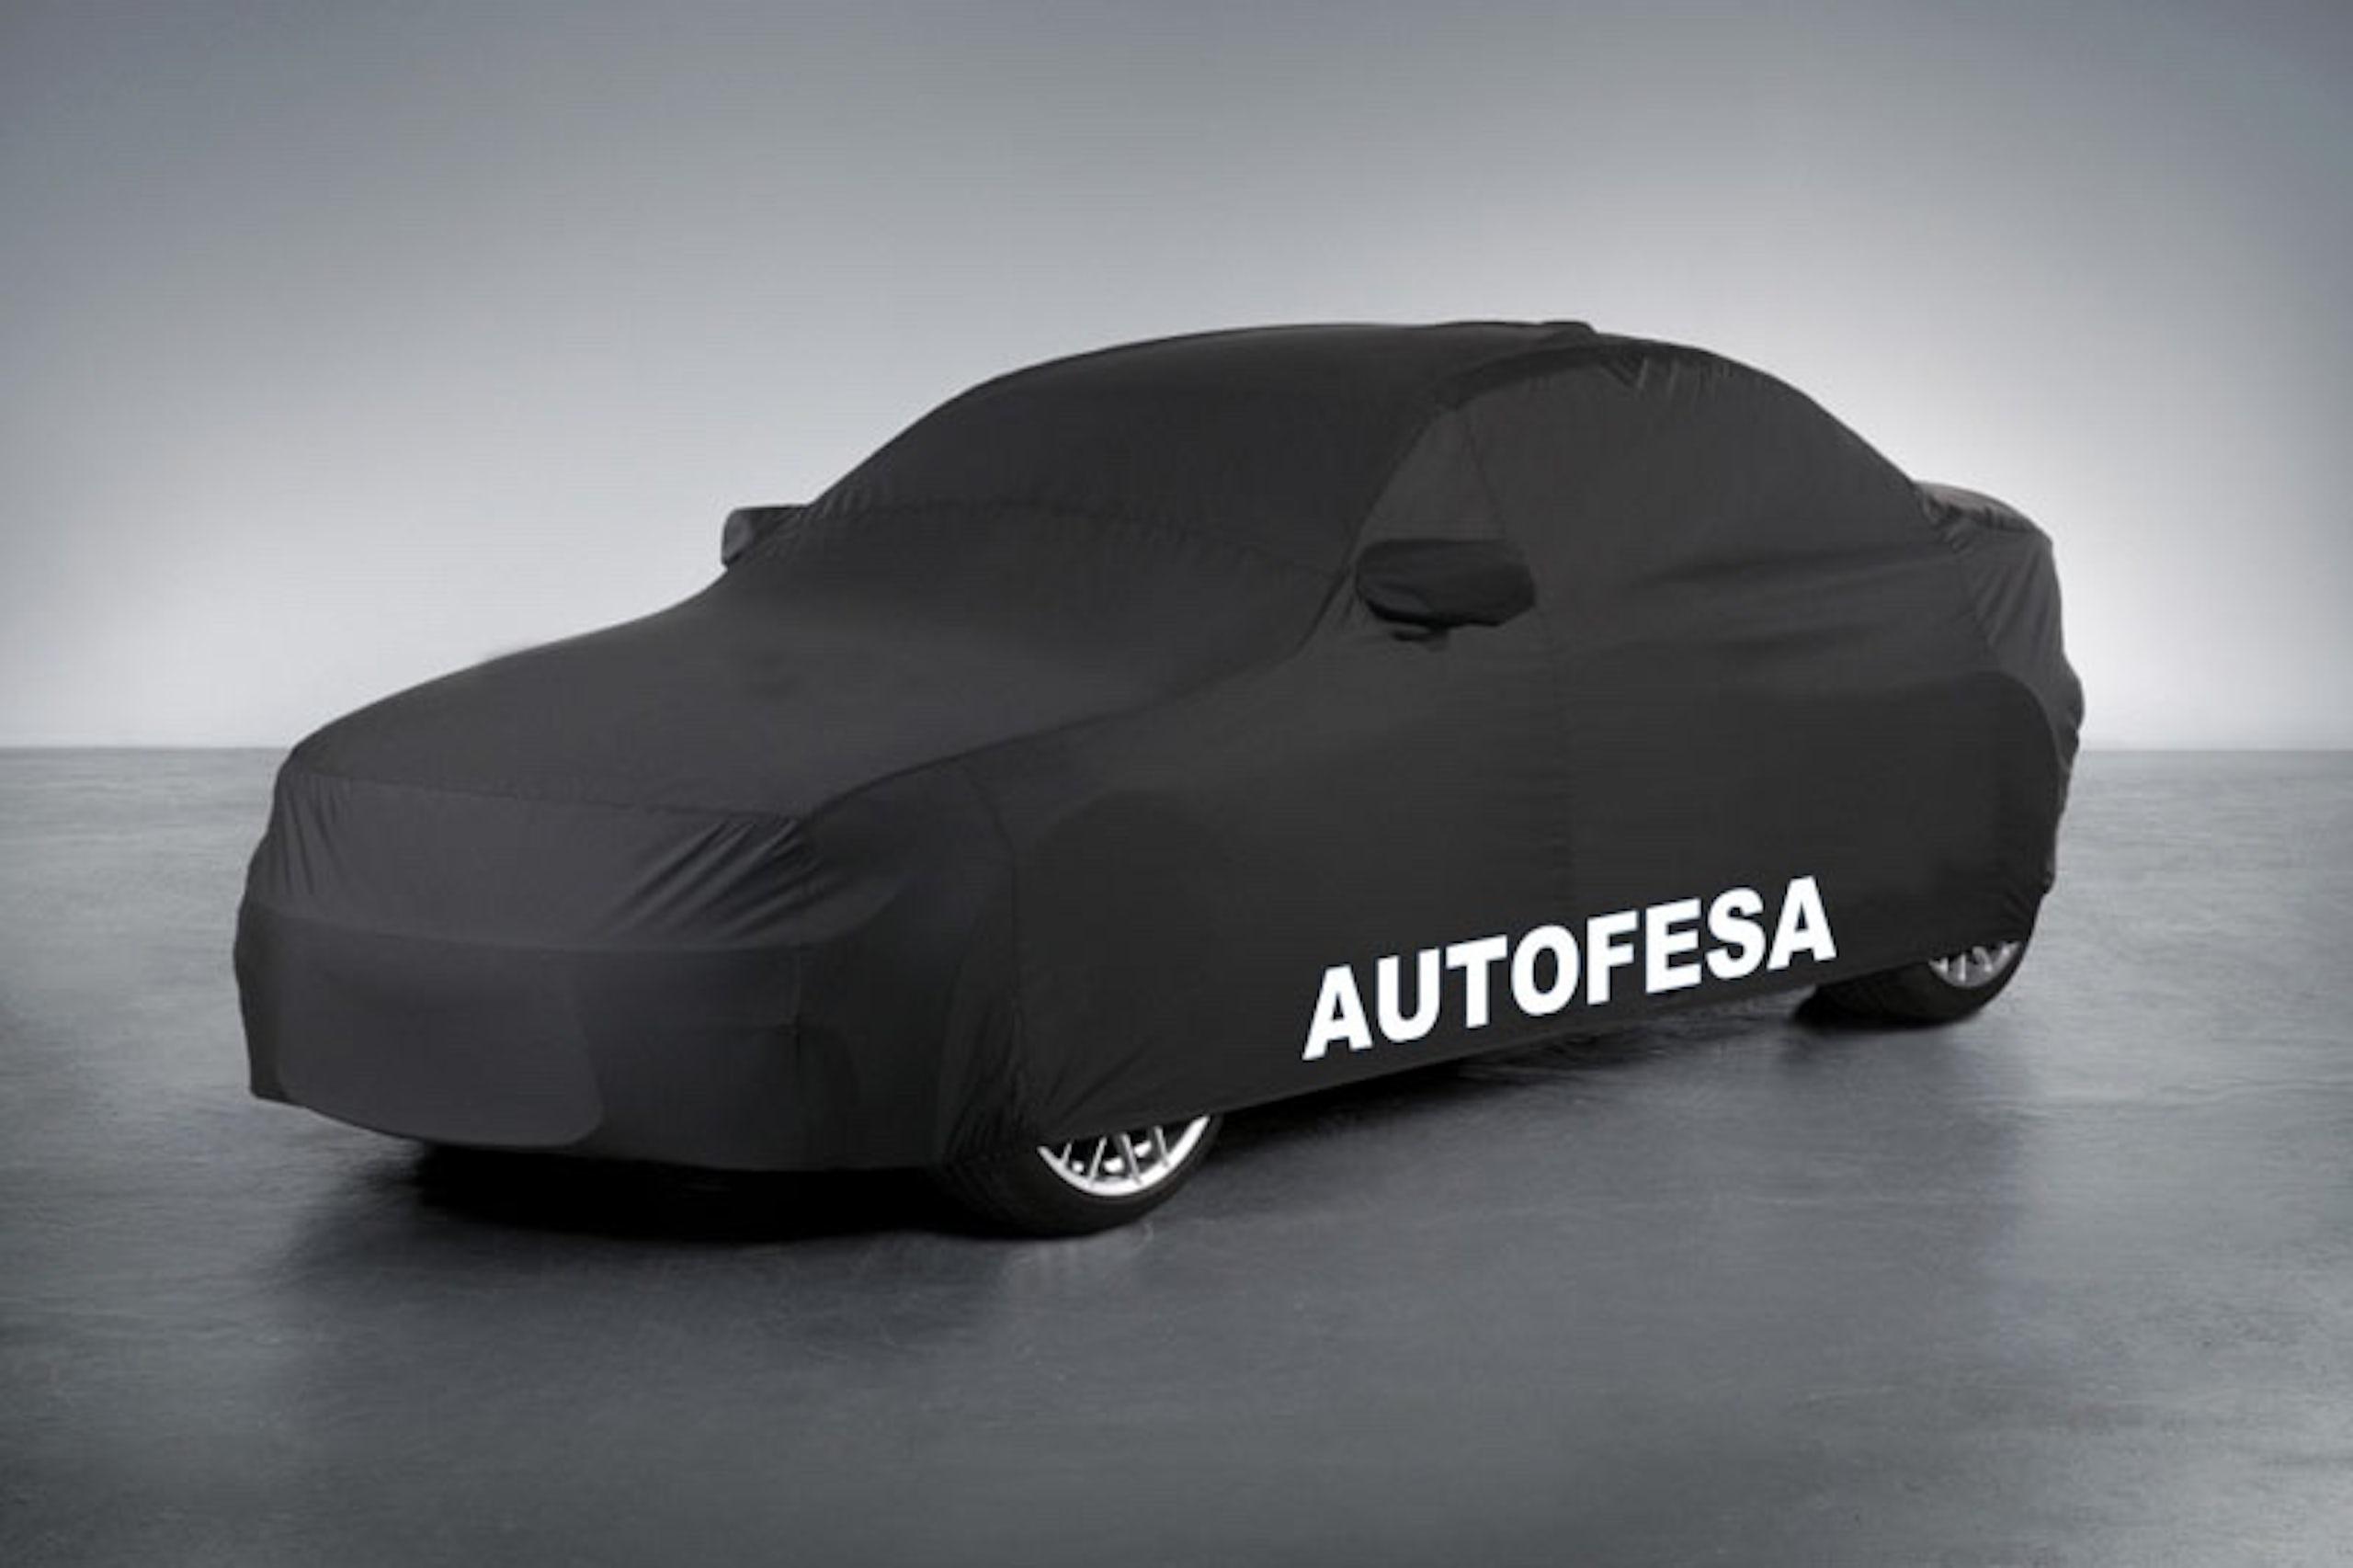 Audi Tts S Coupé 2.0 TFSI 245cv quattro S Line 3p S tronic Auto S/S - Foto 5